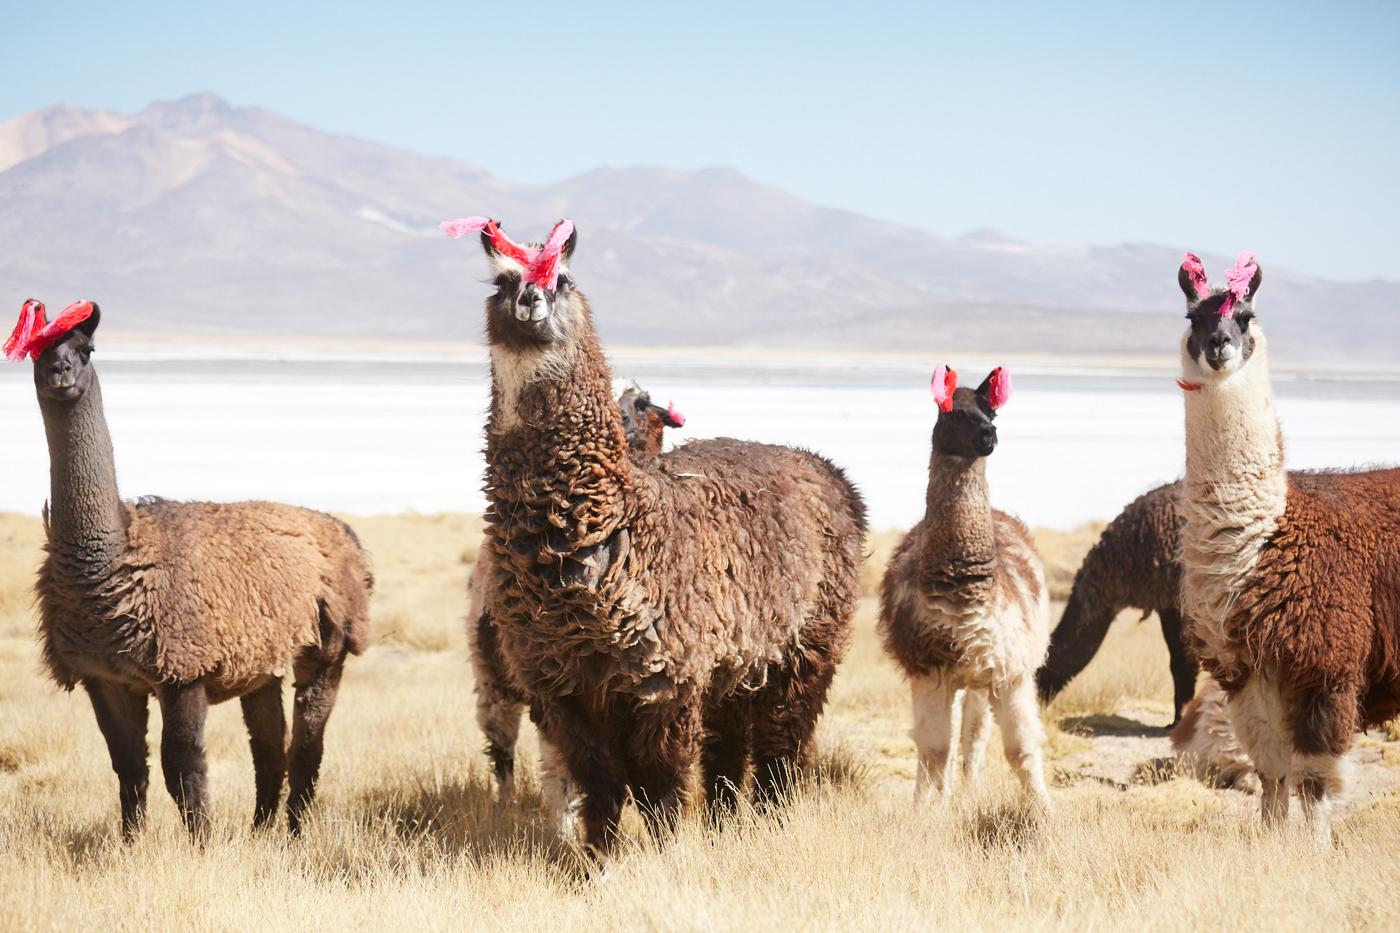 Lamas in Peru beobachten jeden meiner Schritte